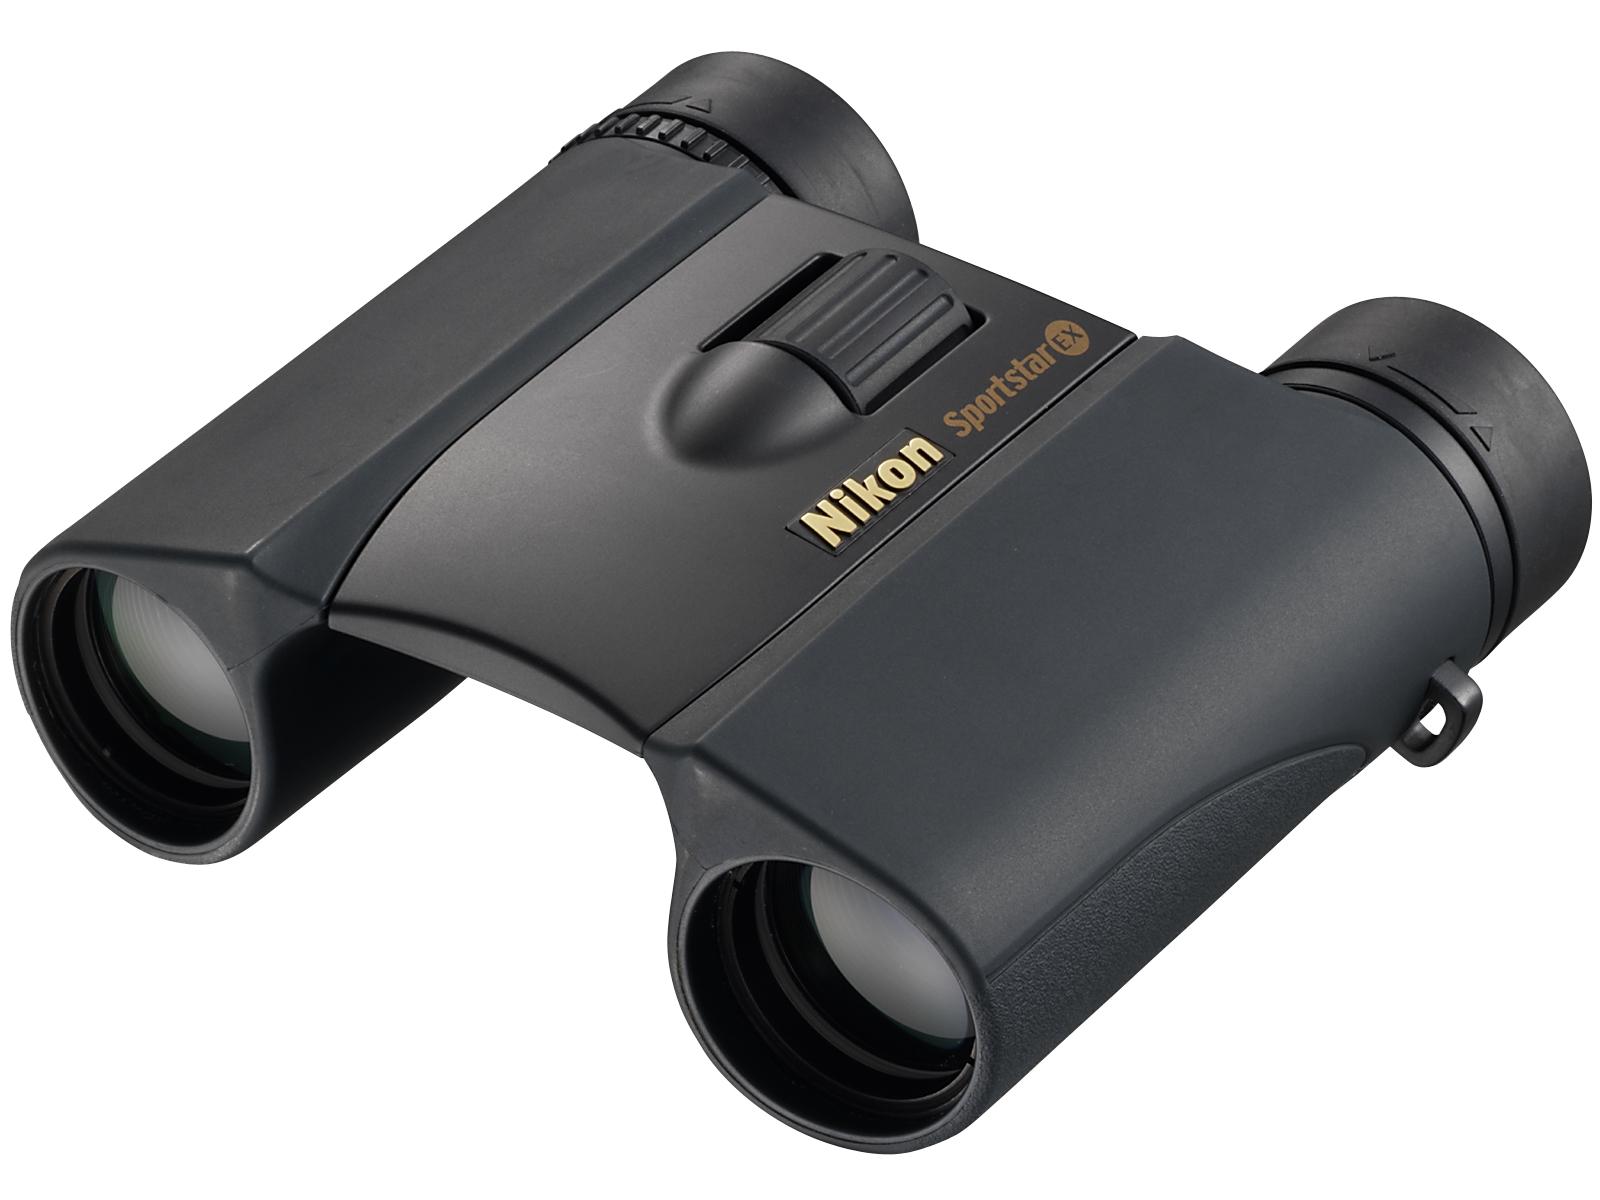 Бинокль Nikon Sportstar EX 10x25, черный фото